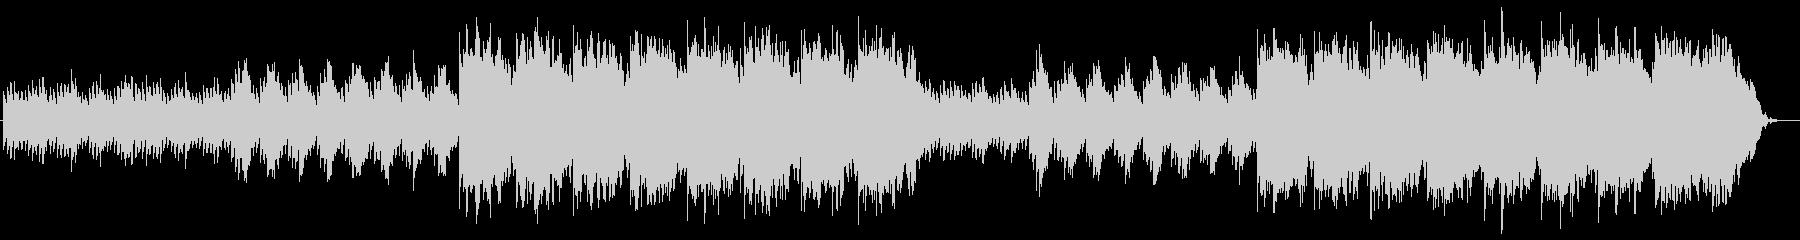 ベルの幻想的なプレリュードの未再生の波形